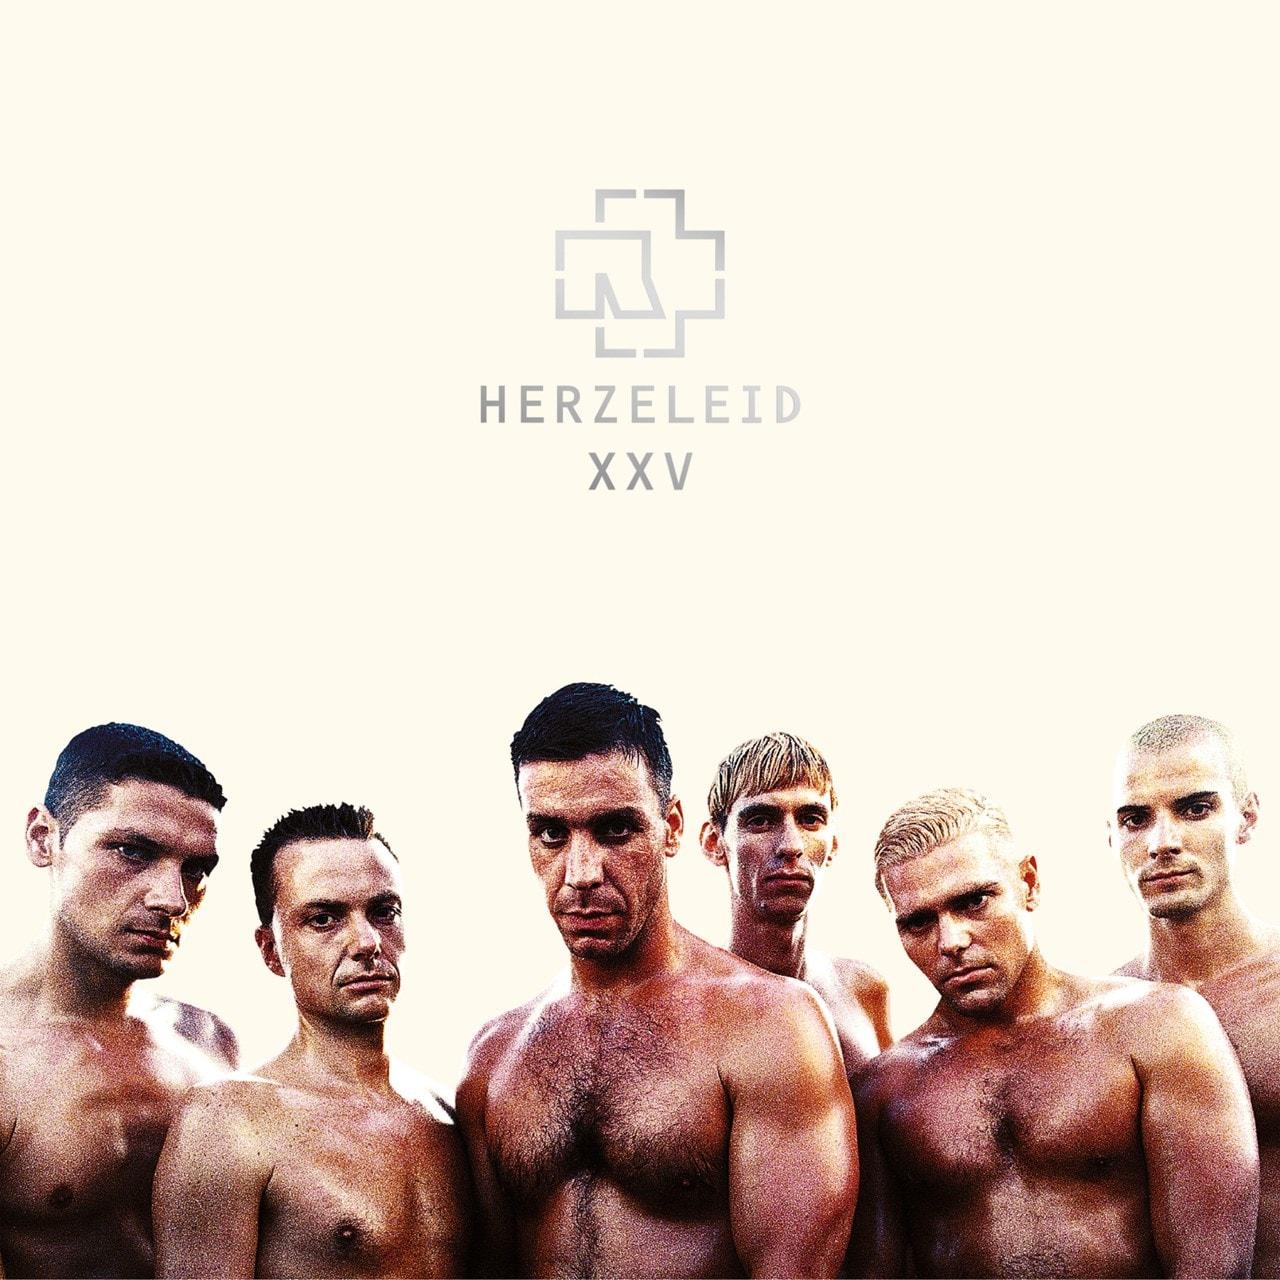 Herzeleid (XXV Anniversary Edition - Remastered) - 1